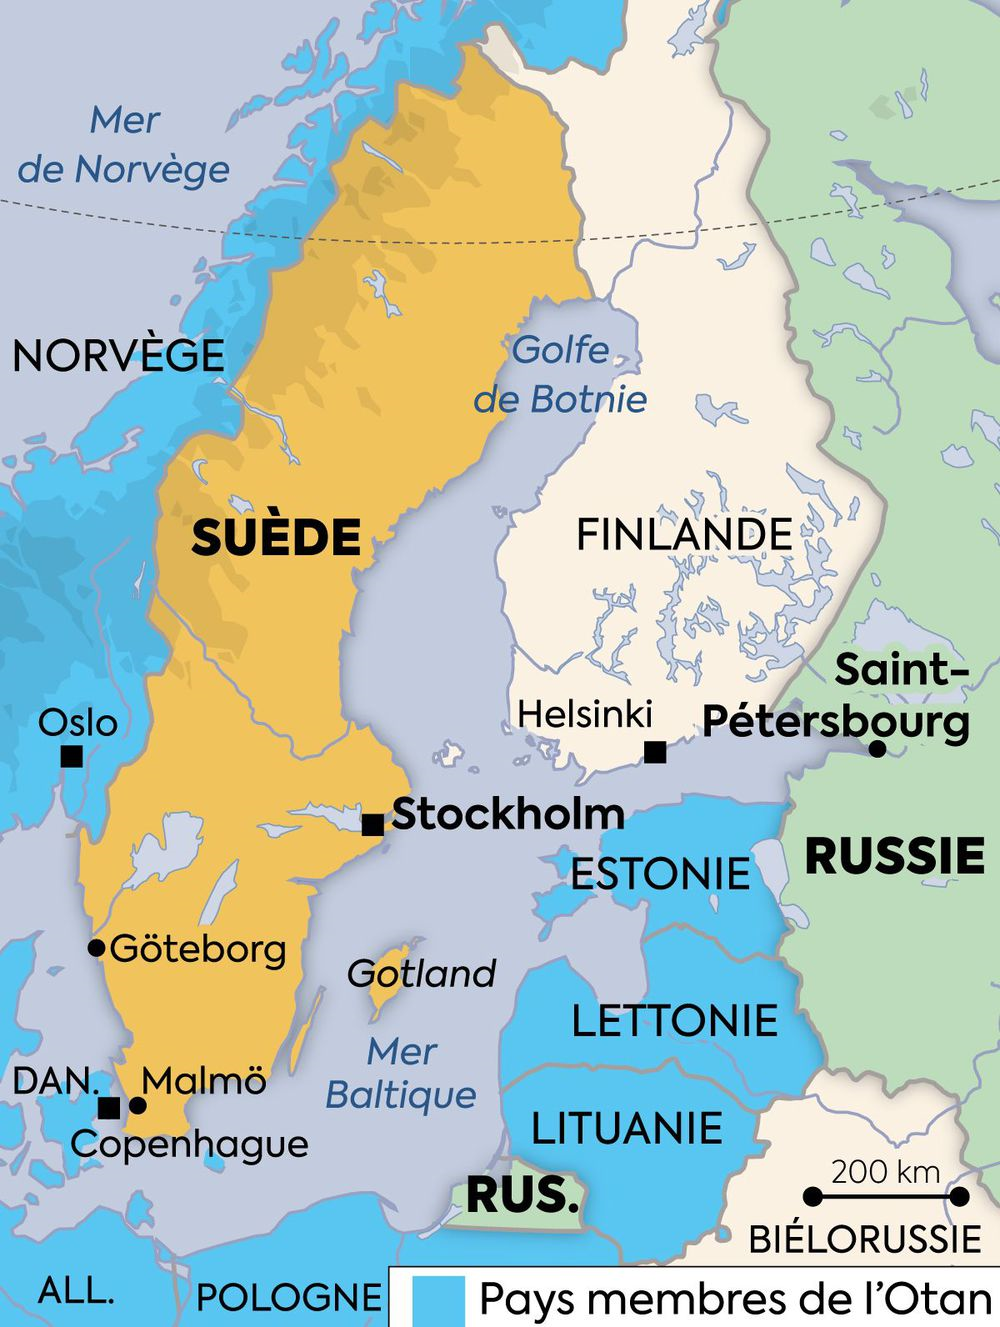 infographie-3629-suede-russie-baltique_6290250